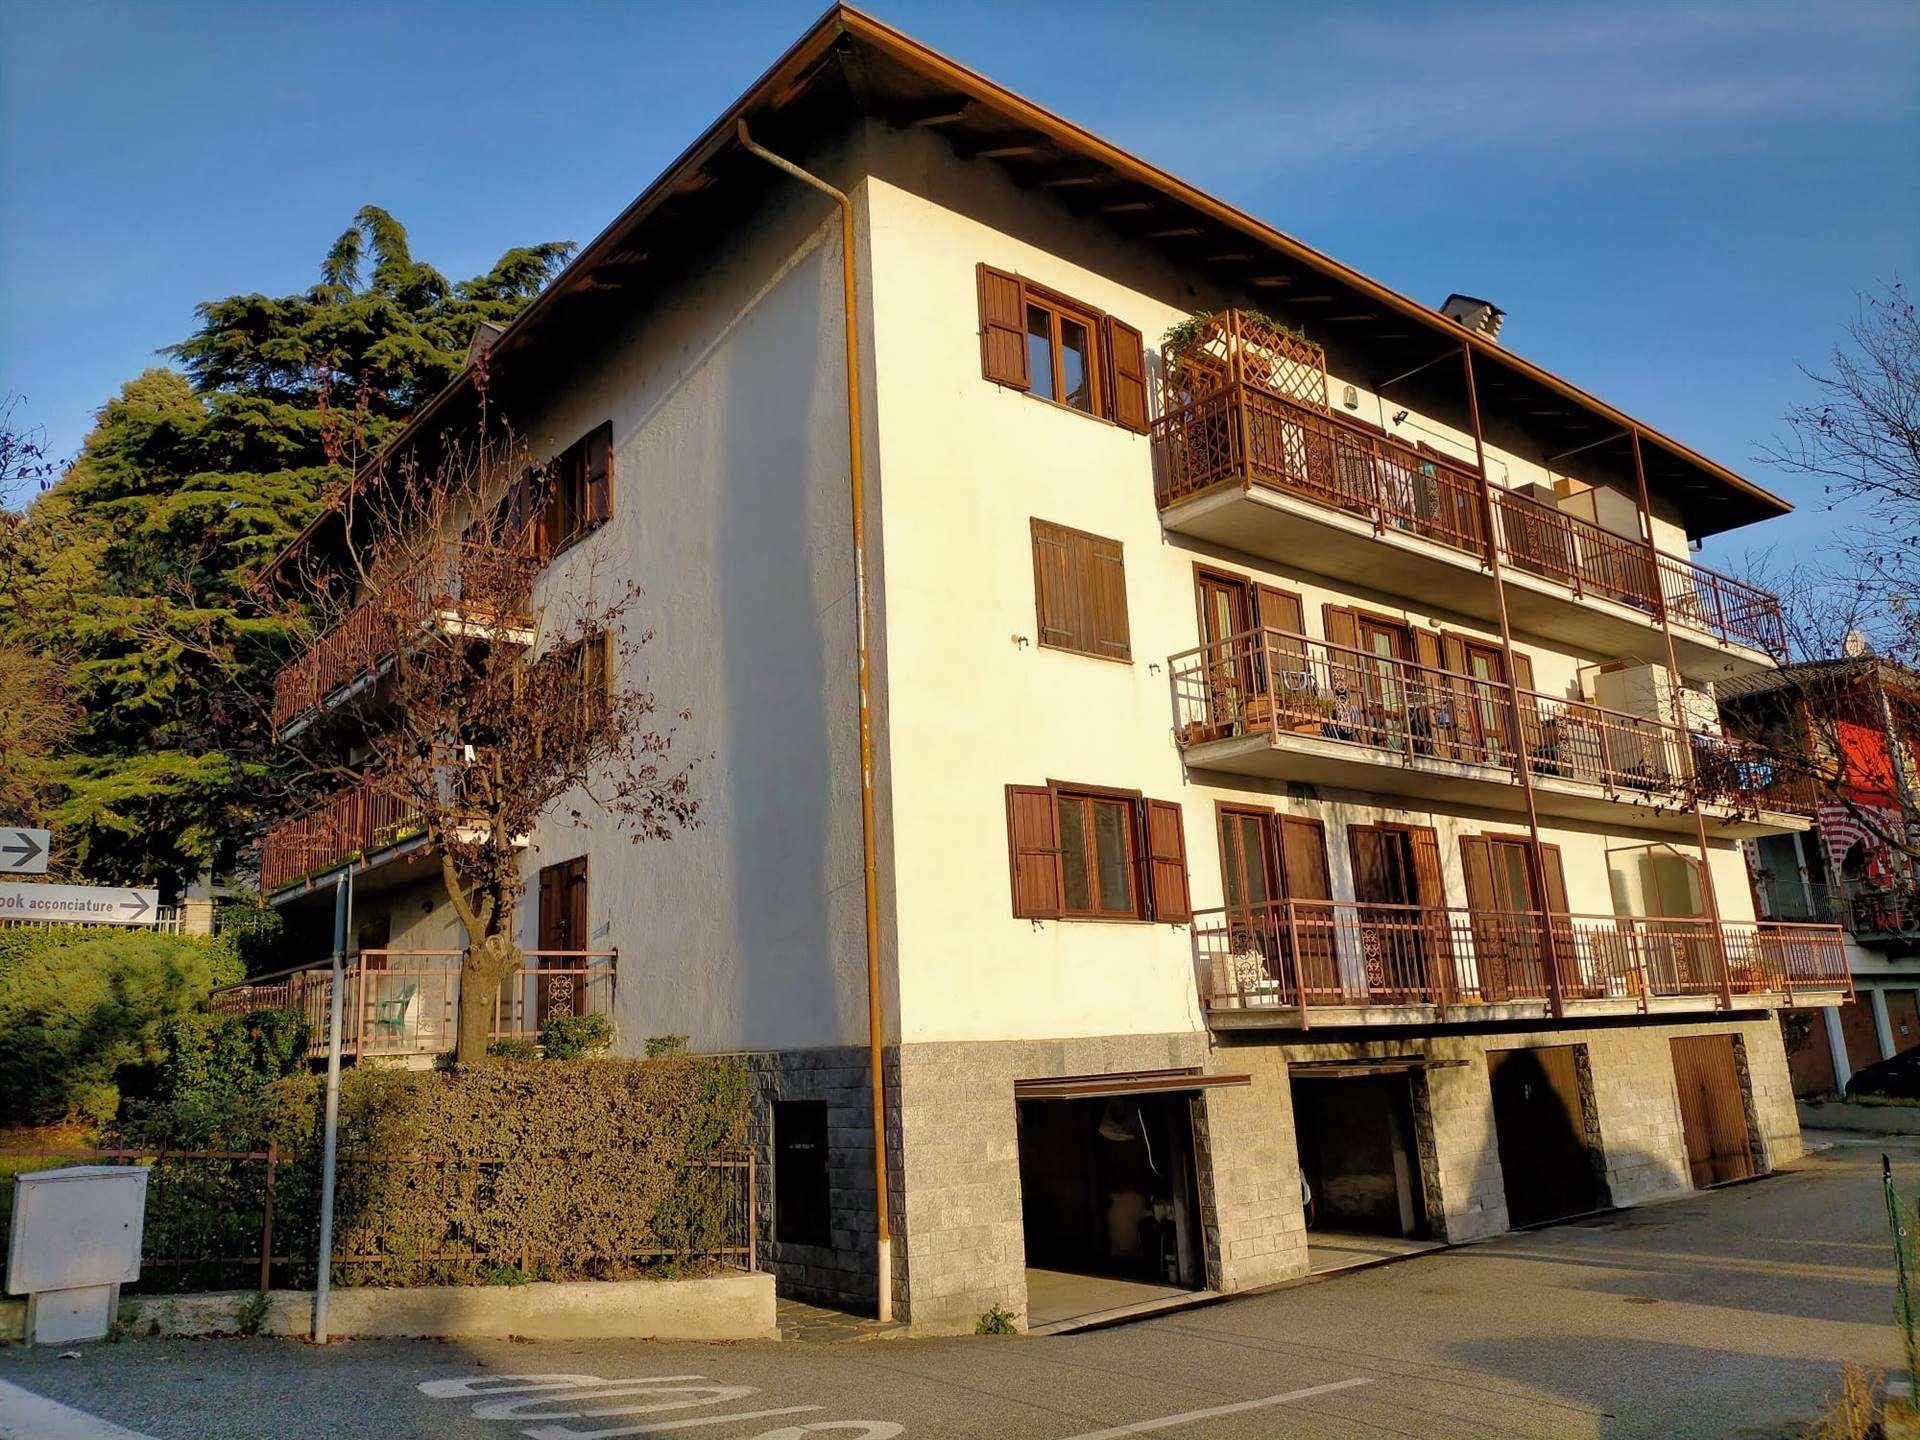 Appartamento in vendita a Quart, 4 locali, zona Zona: Villair, prezzo € 139.000 | CambioCasa.it